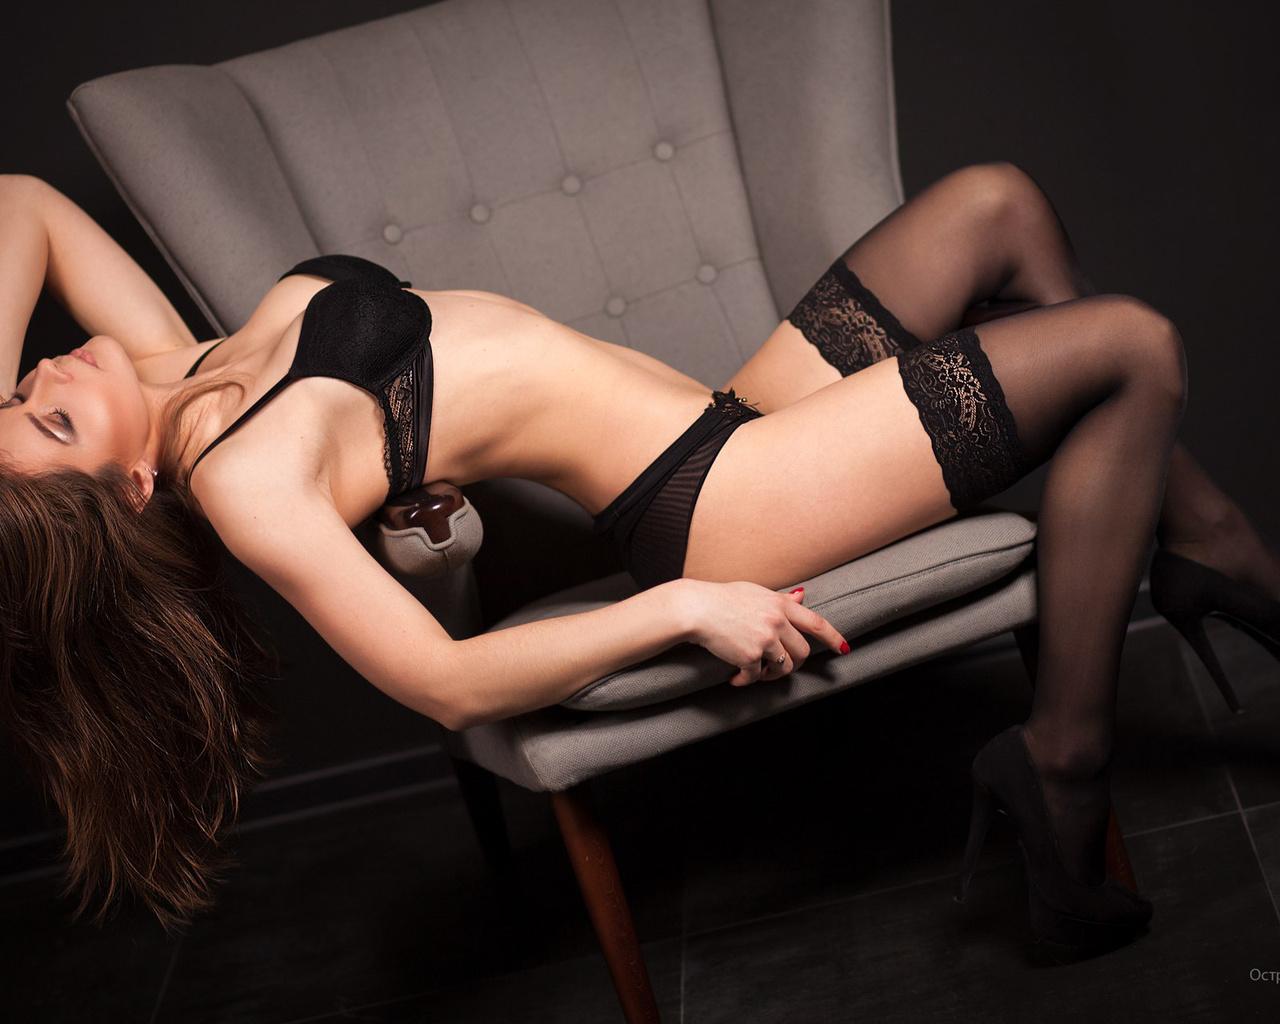 Сексуальные женщины онлайн, Порно зрелых онлайн бесплатно в хорошем качестве 28 фотография